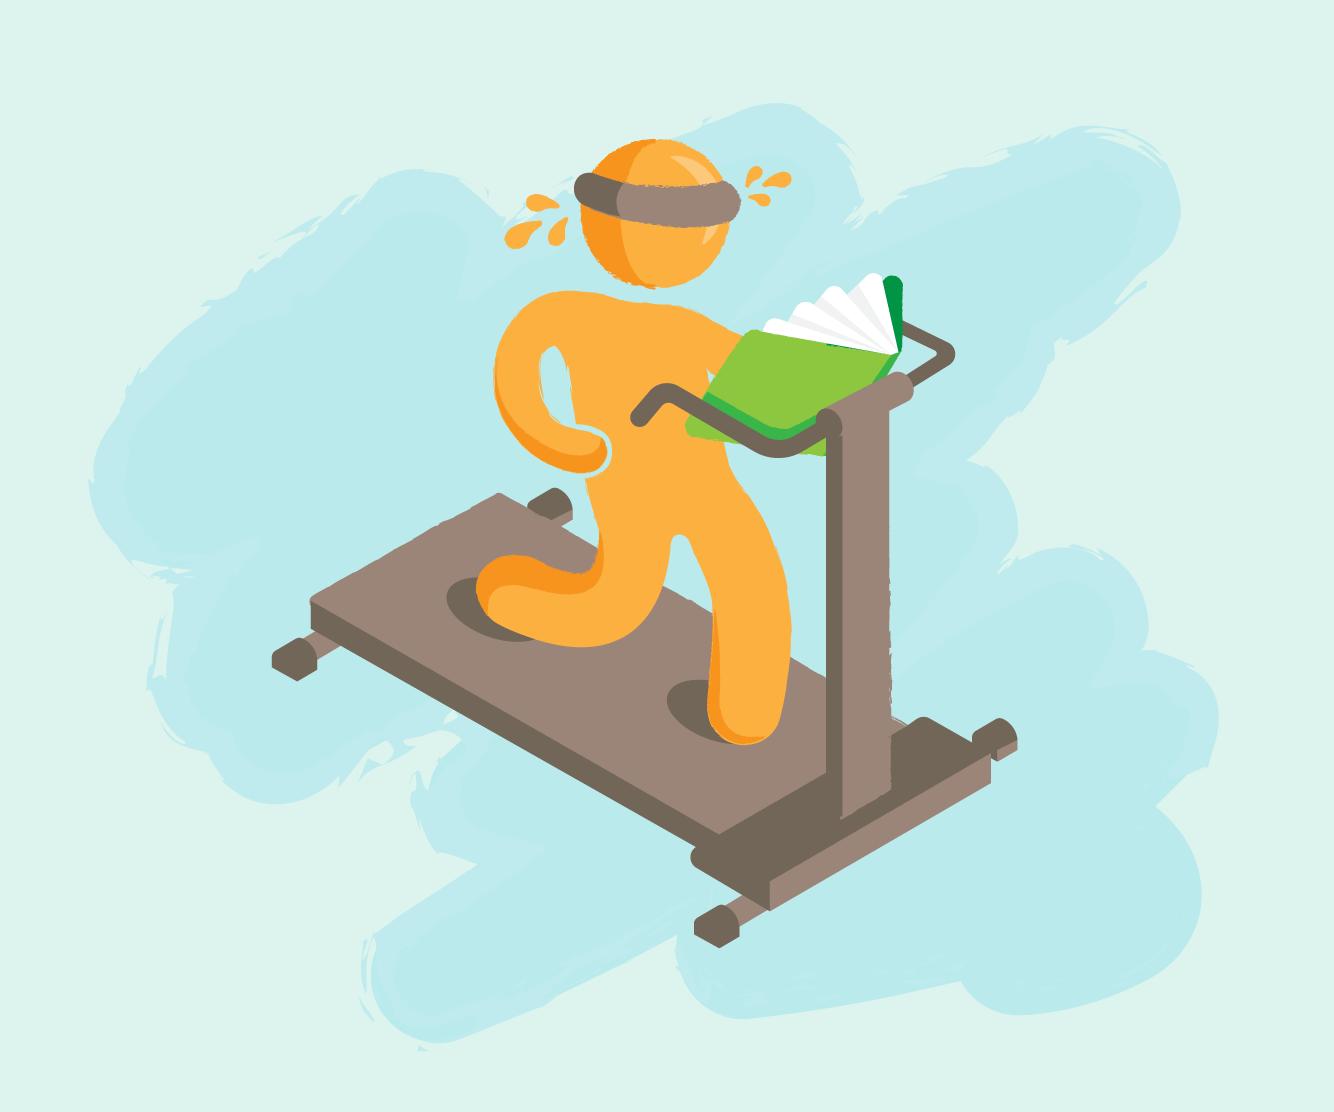 teamfluent-blogpost-illustration-6